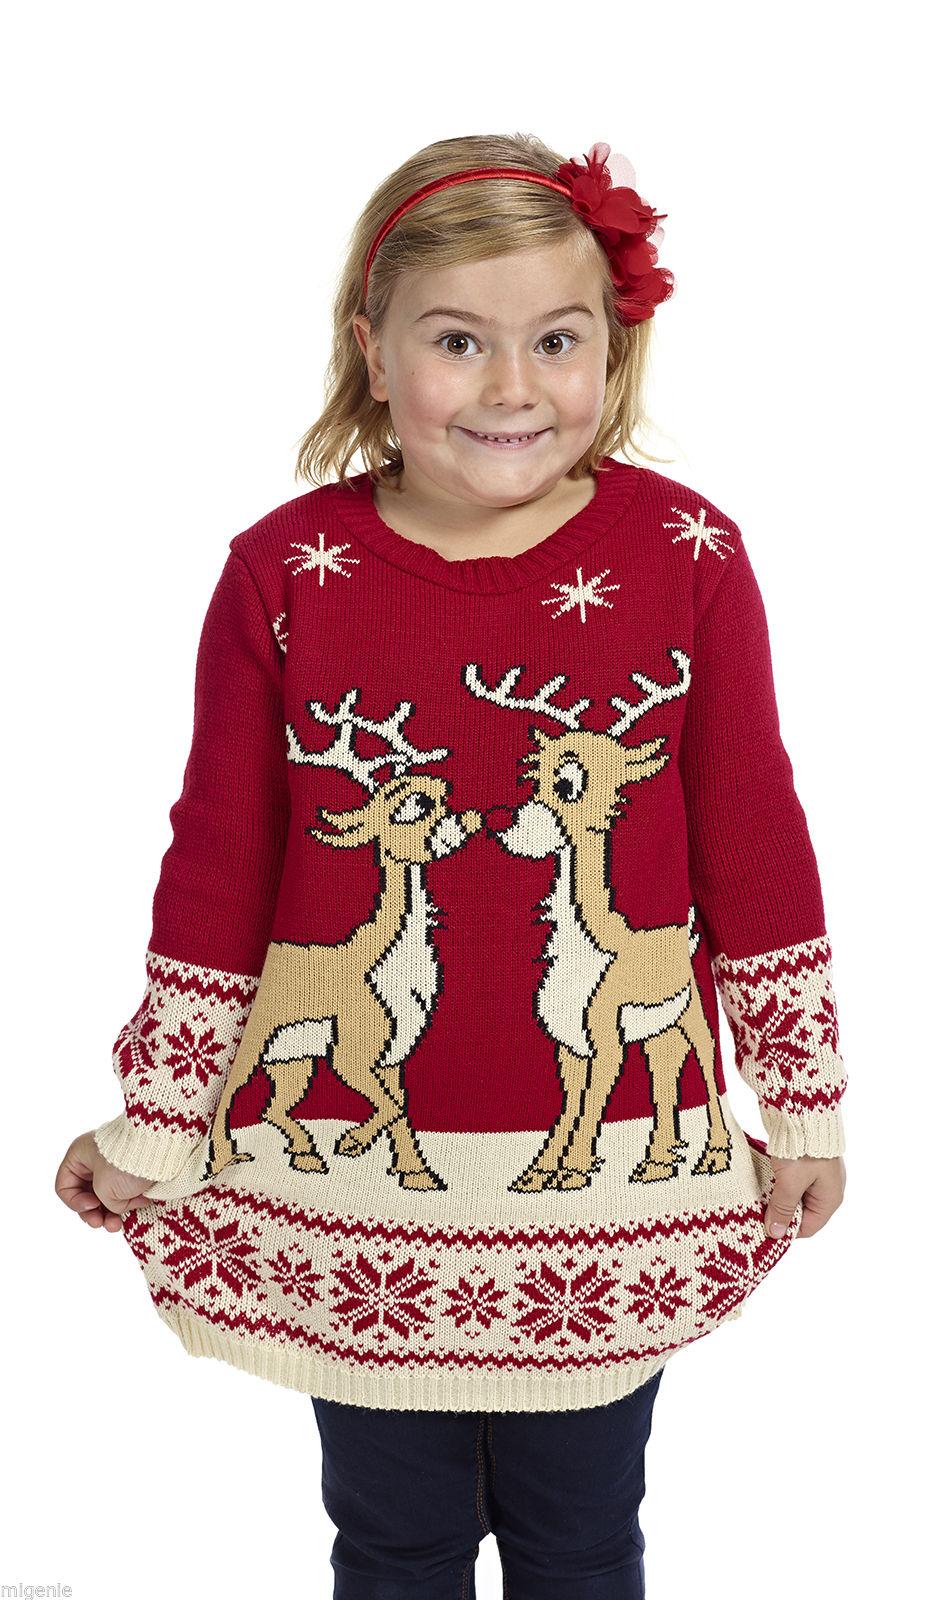 Kersttrui Voor Kinderen.Kersttrui Tuniek Rendieren Kinderen Foute Kersttrui Kopen